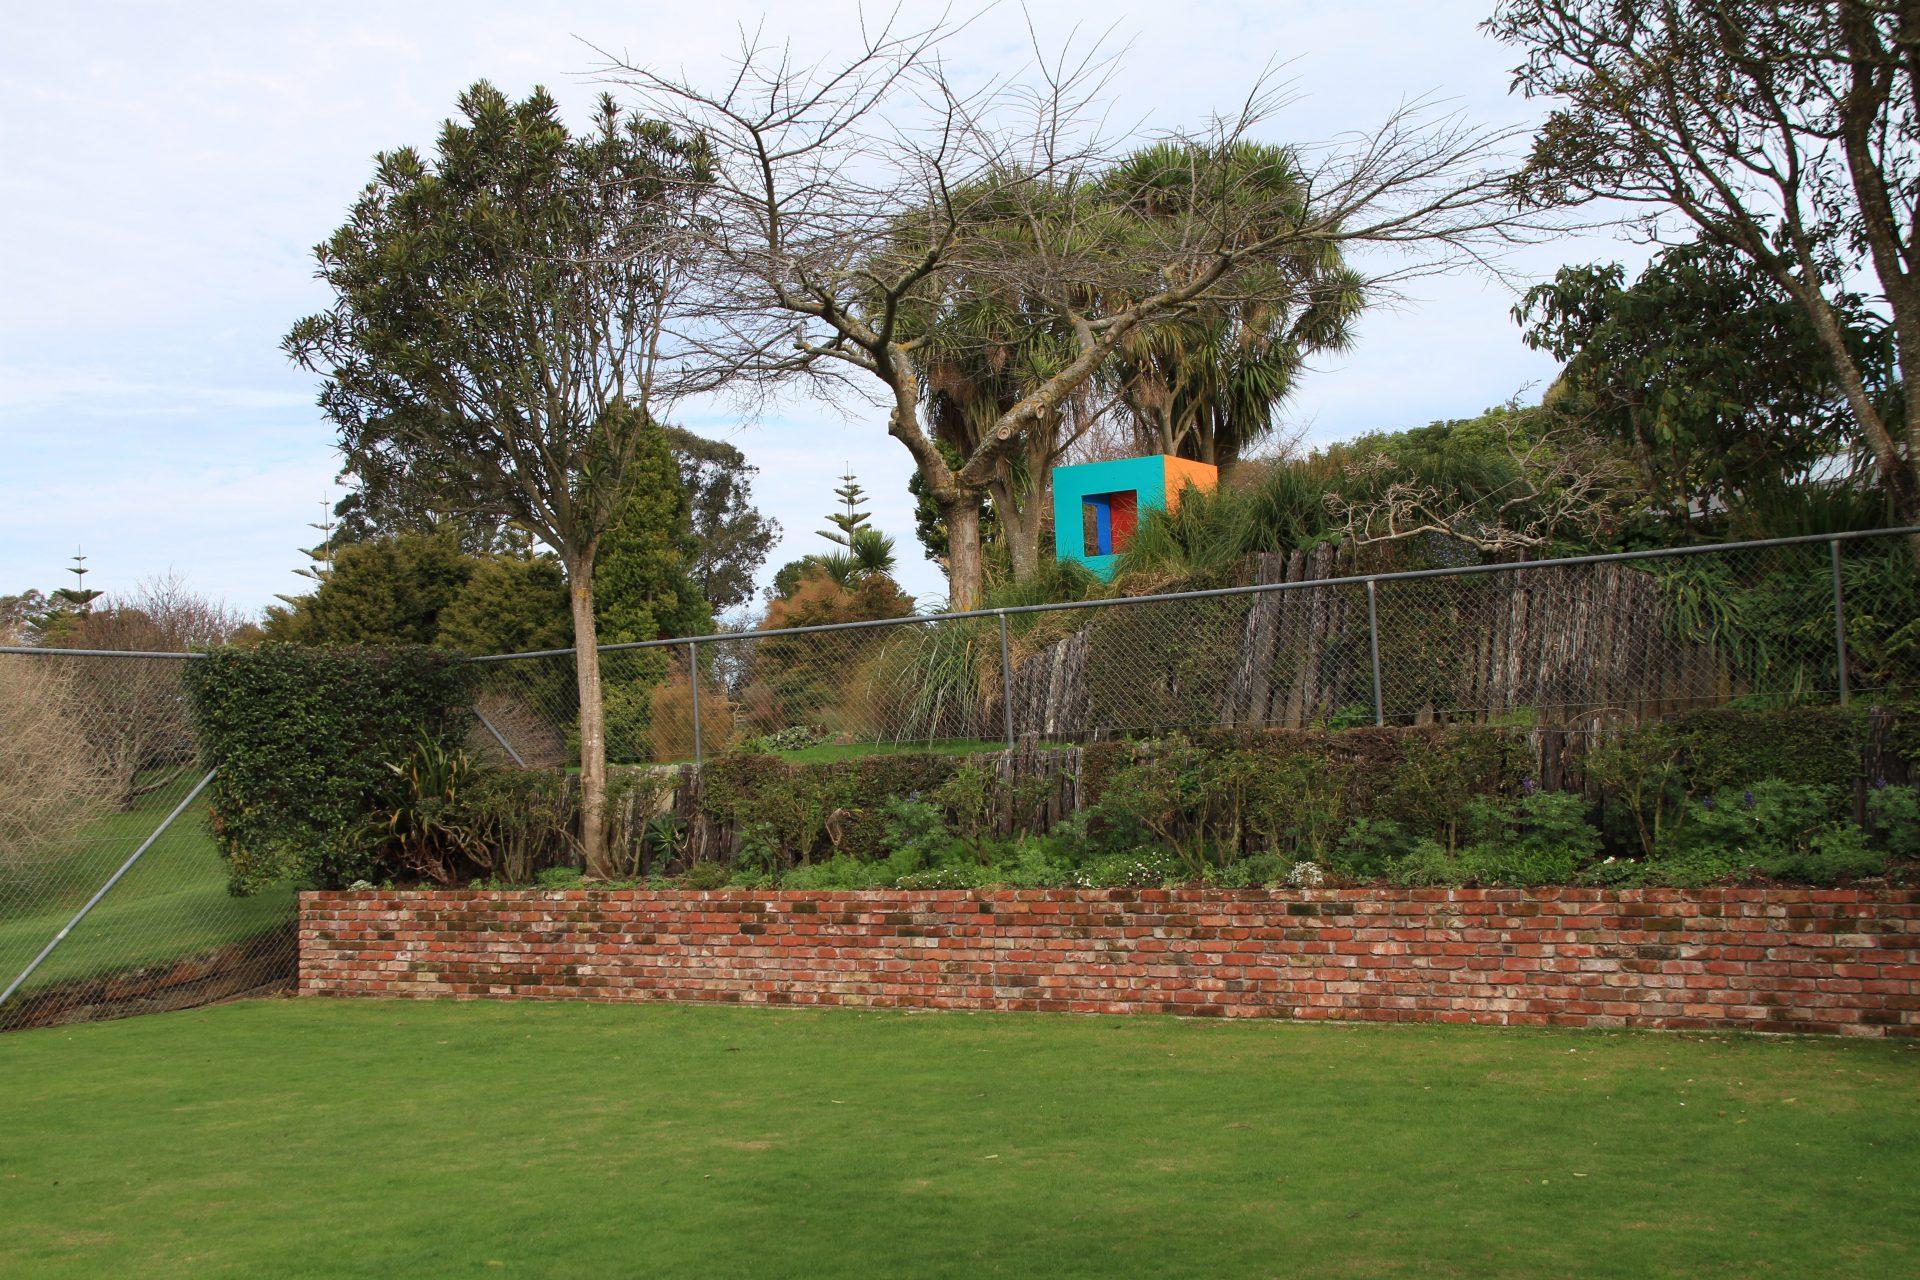 New brick work in the garden